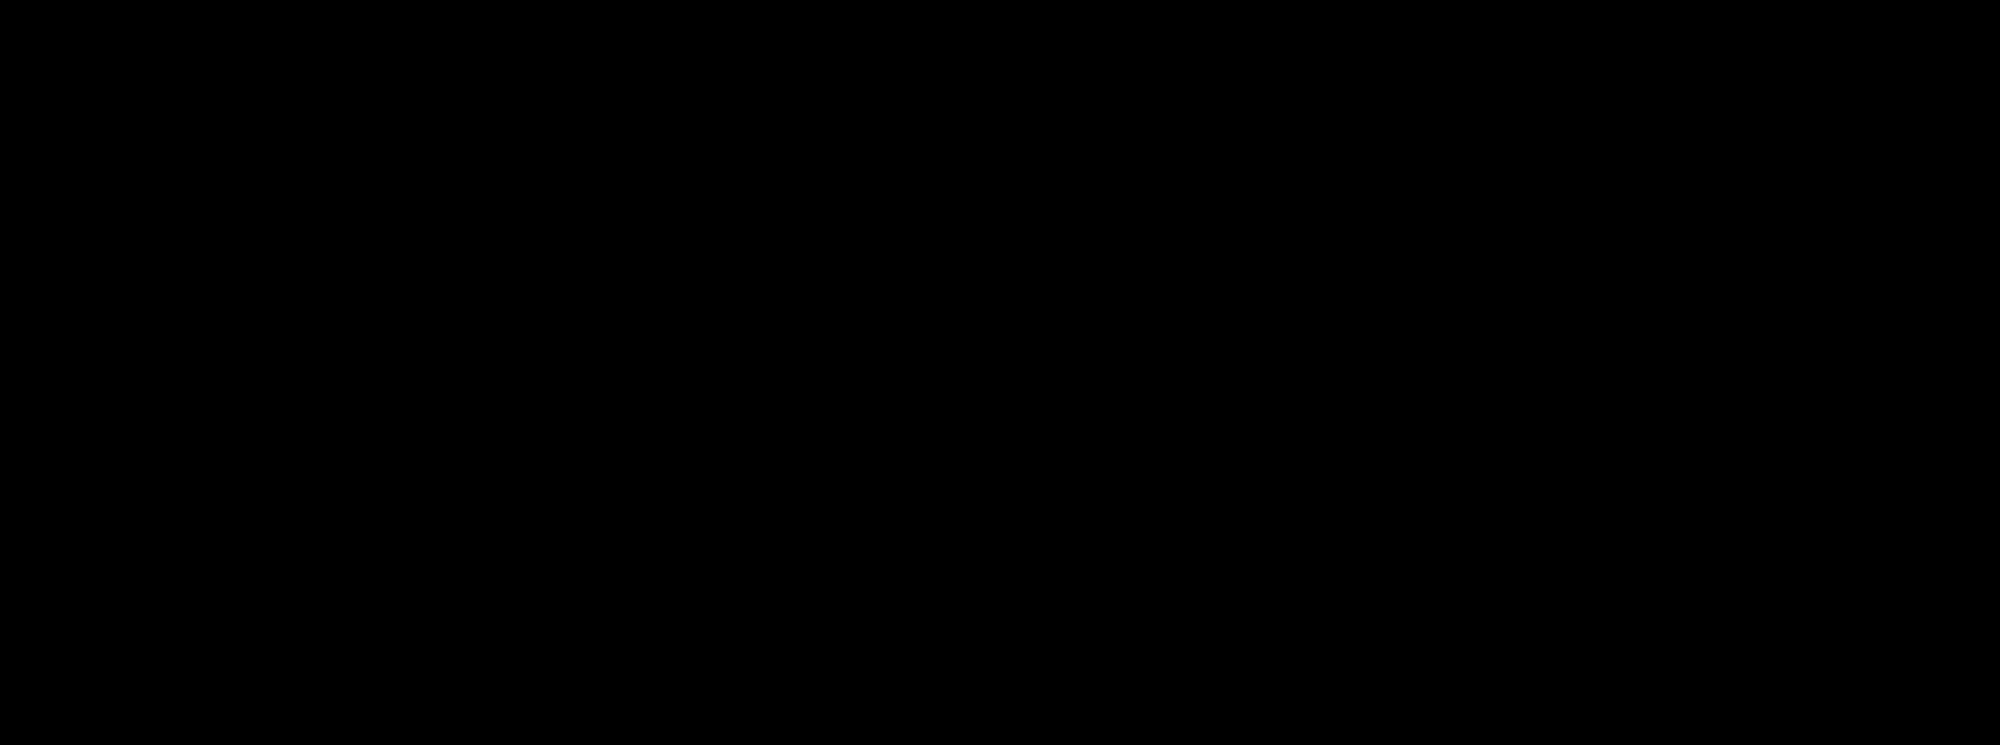 blank-2000x745